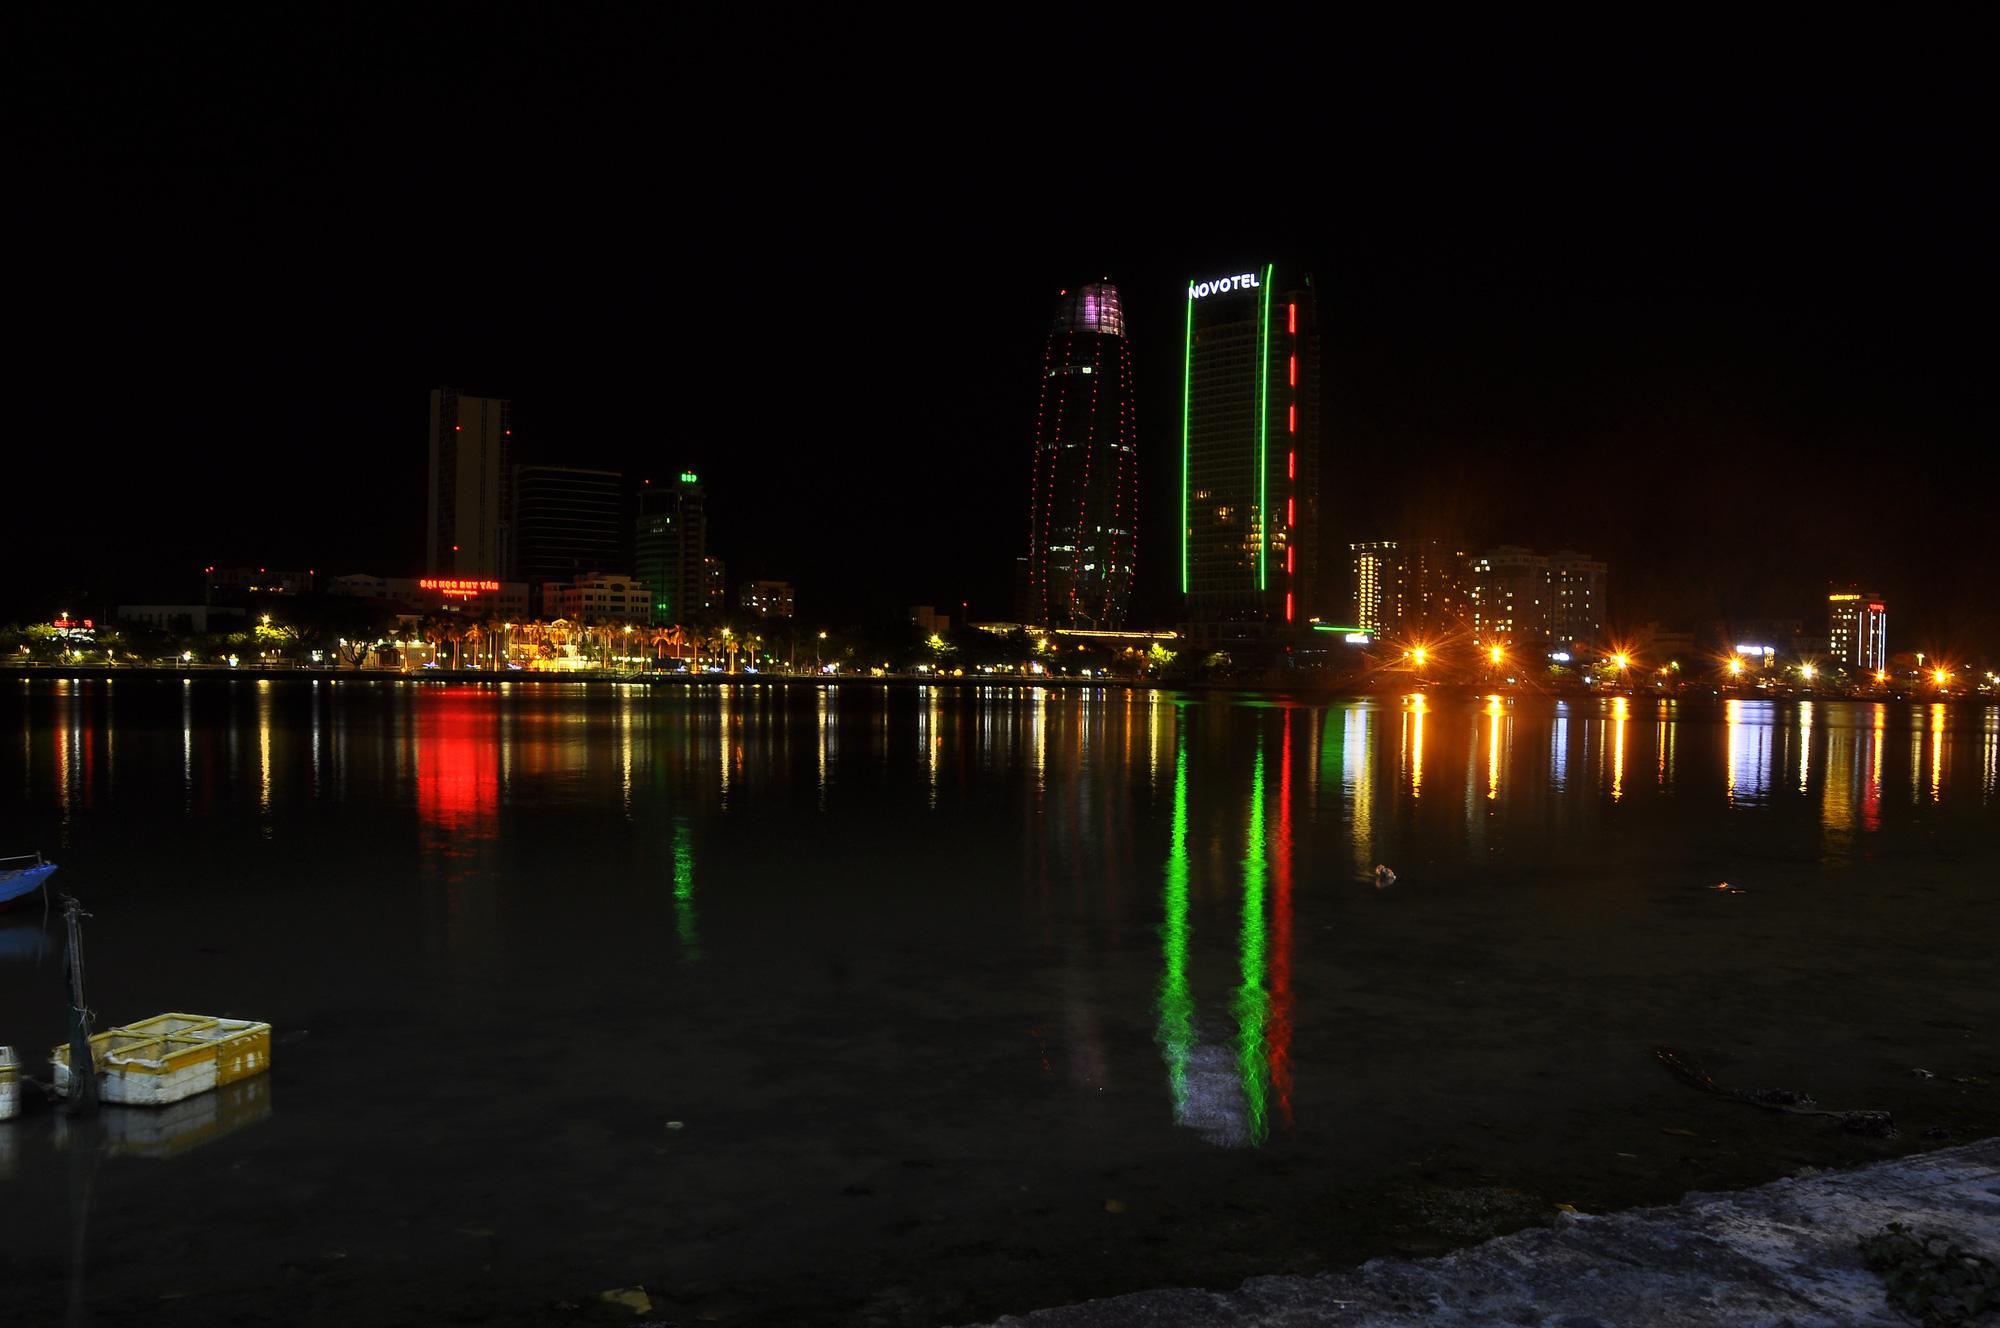 Đà Nẵng: Khách sạn đồng loạt lên đèn hình trái tim giữa mùa dịch Covid-19 - Ảnh 5.